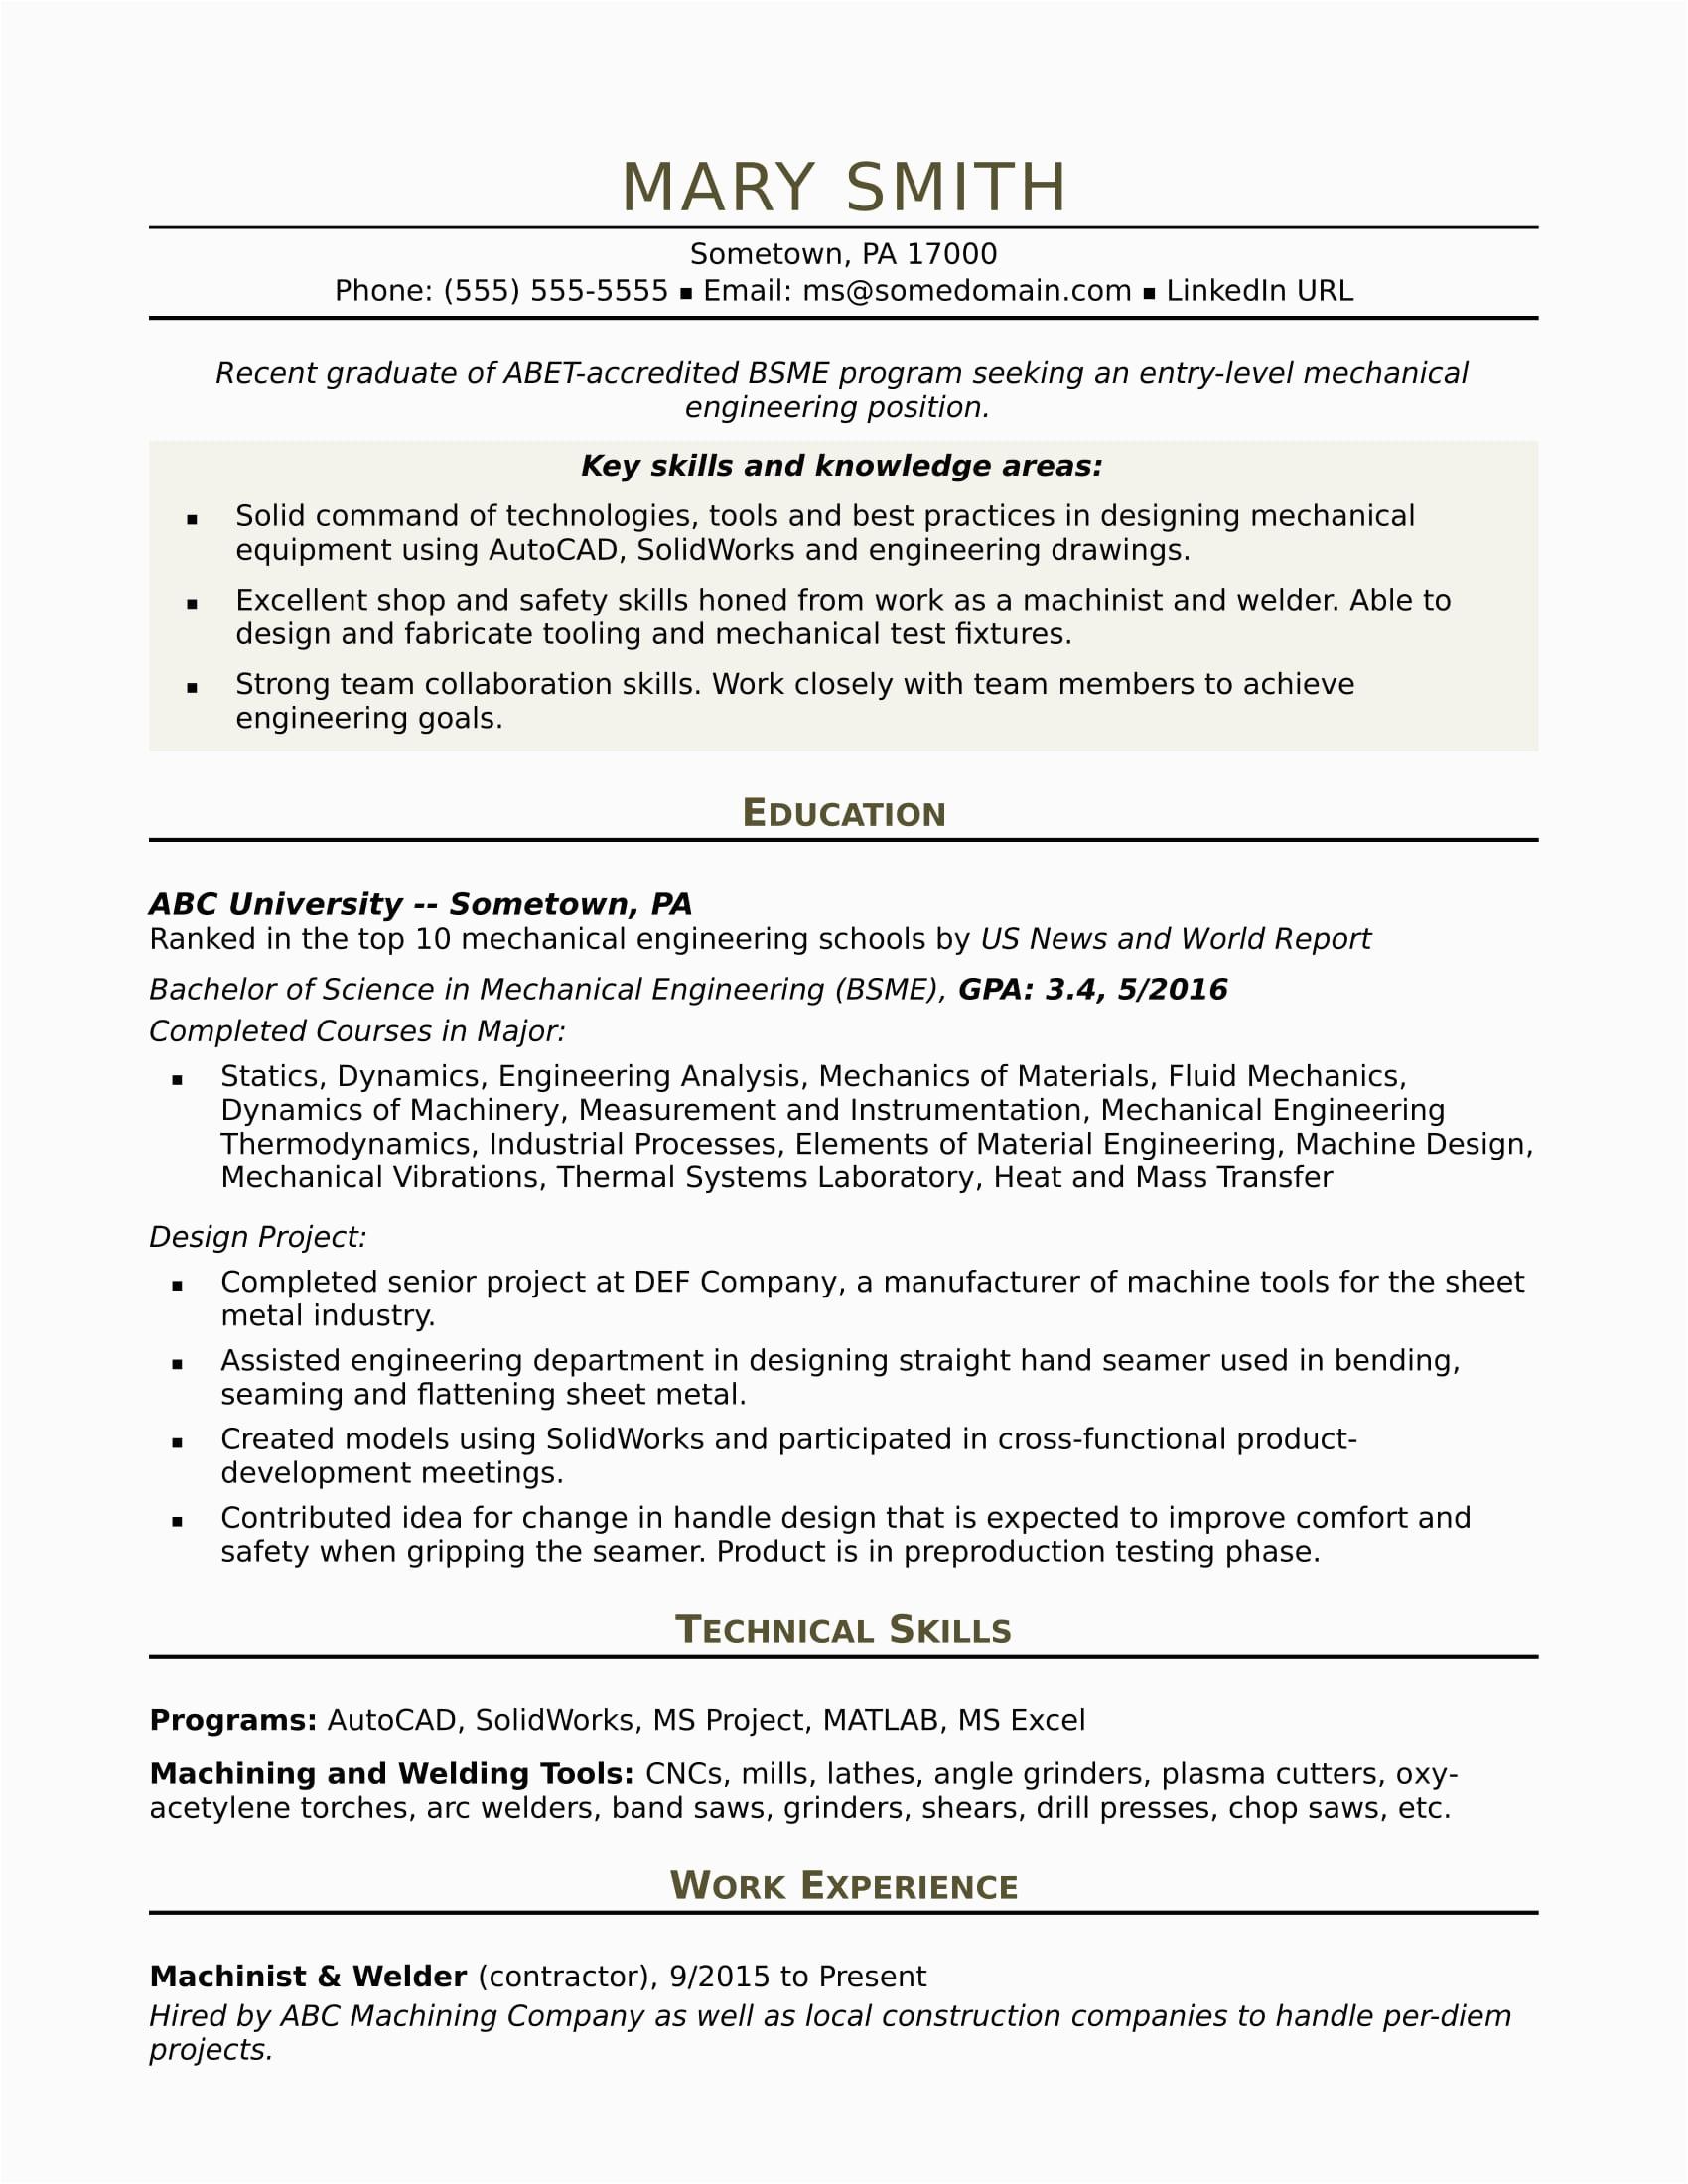 Sample Resume for Entry Level Mechanical Engineer Sample Resume for An Entry Level Mechanical Engineer